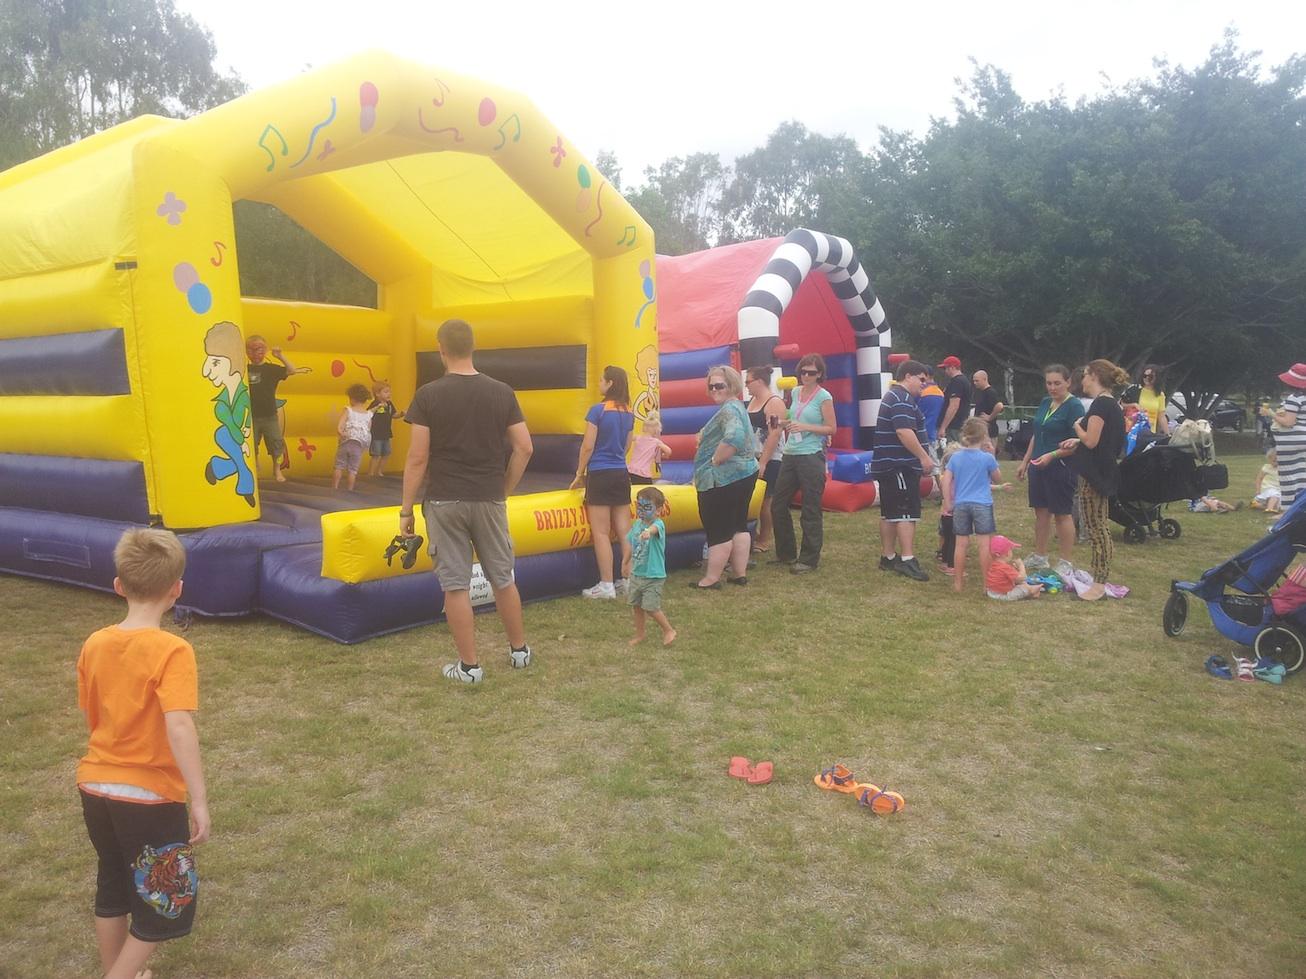 Jumping Castles at Fundraiser